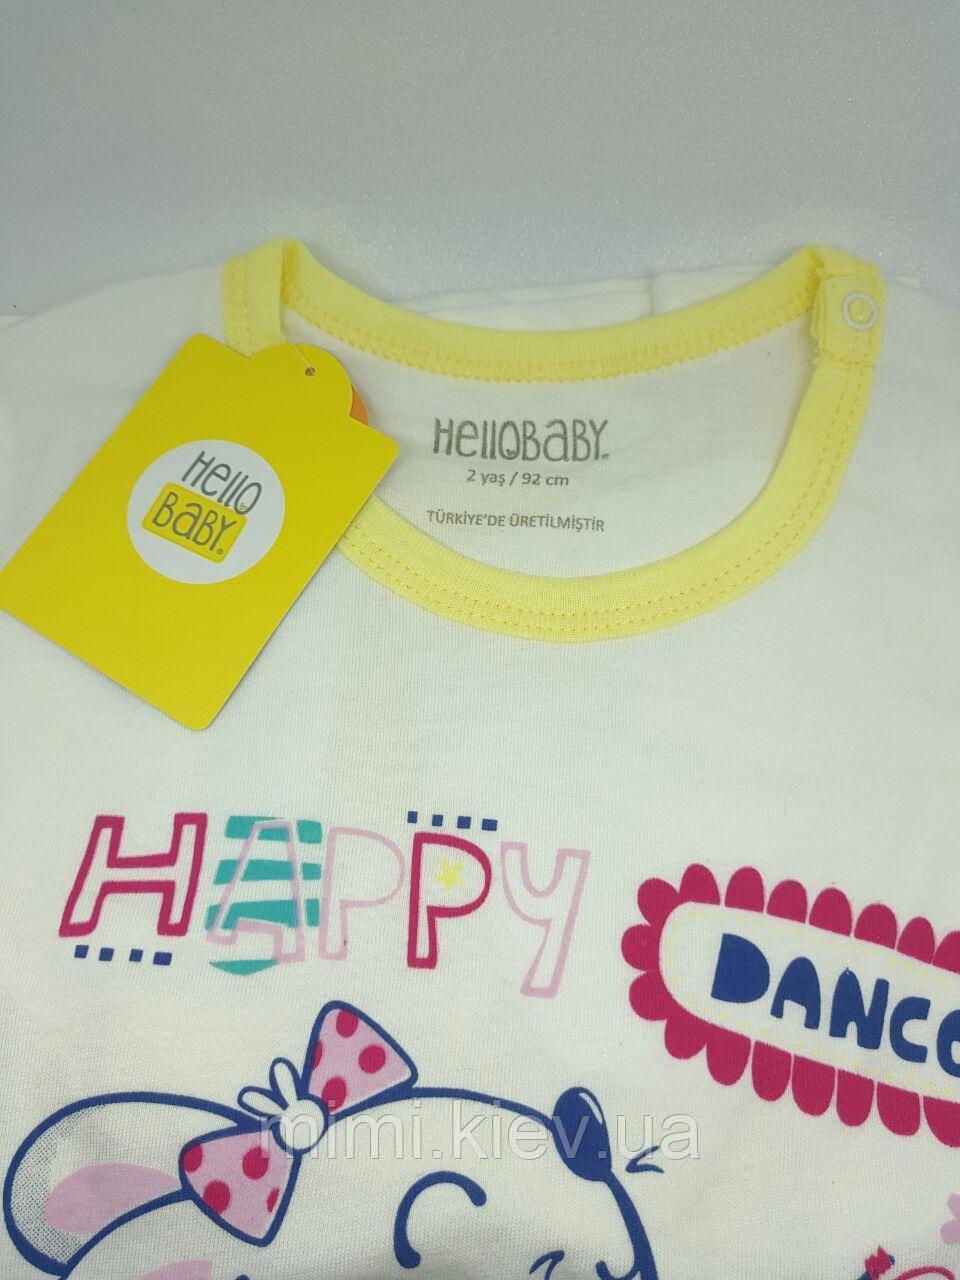 Пижама детскаяEbebek HelloBaby2 года